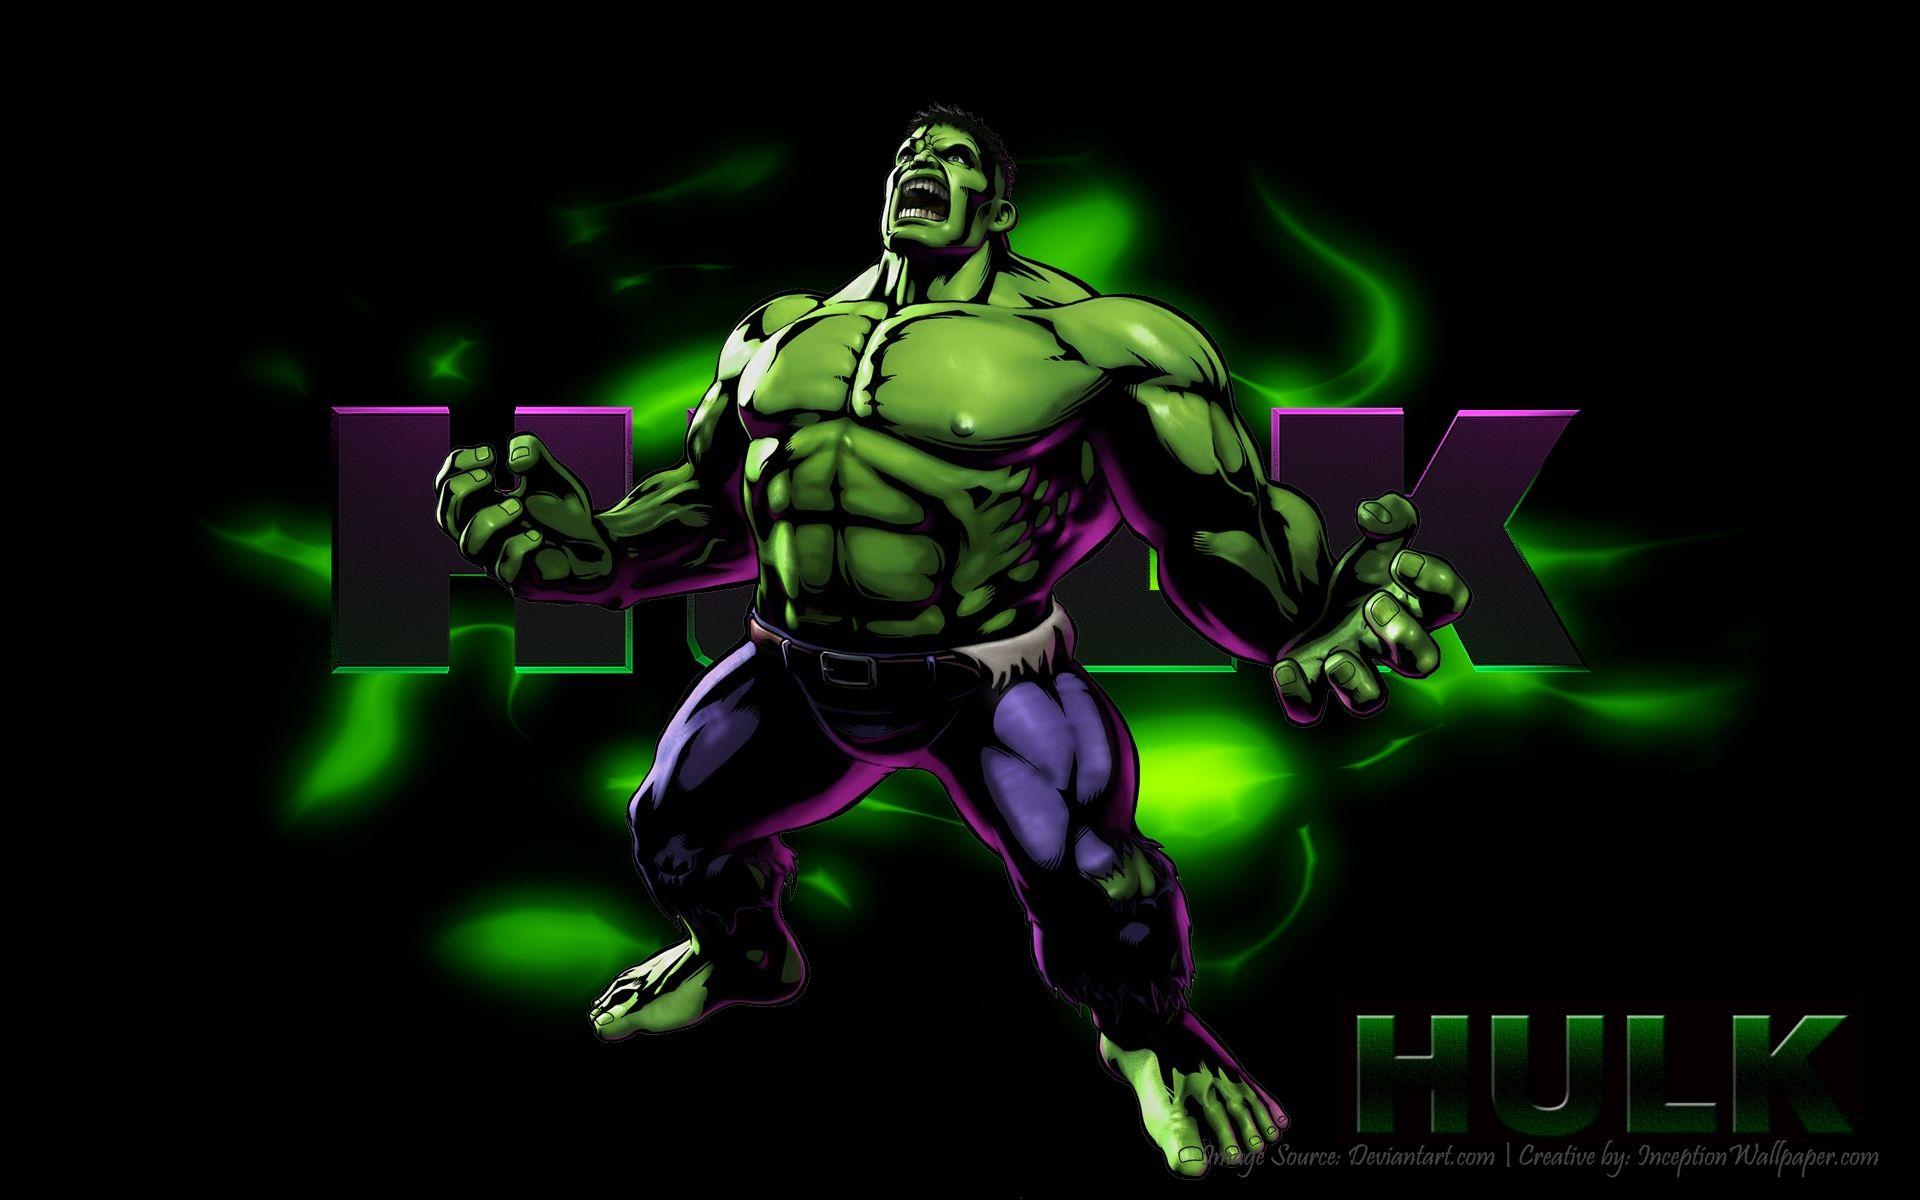 Download Hulk Wallpaper Full Hd Wallpapers 1024 768 Wallpaper Hulk 57 Wallpapers Adorable Wallpapers Hulk Hulk Powers Superhero